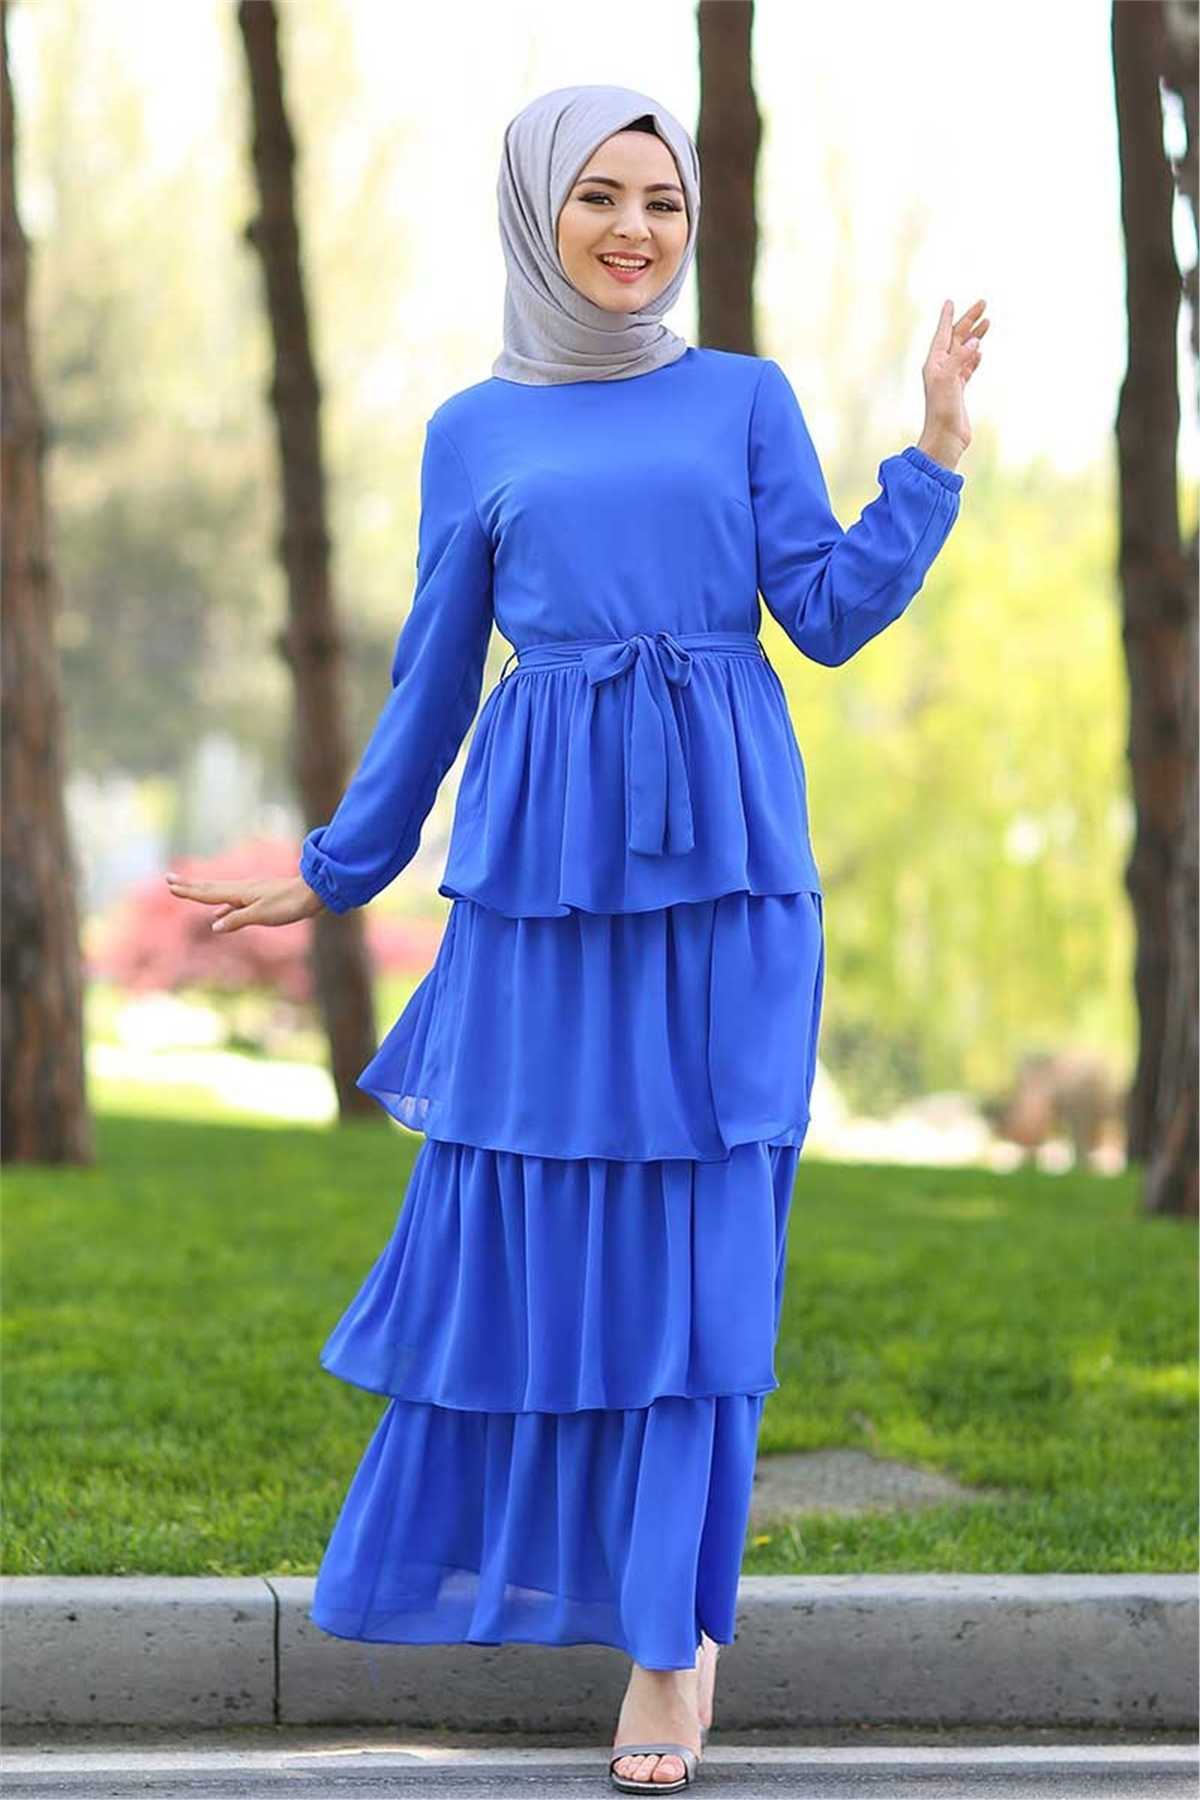 Ermi Tekstil Tesettür Mavi Elbise Modelleri